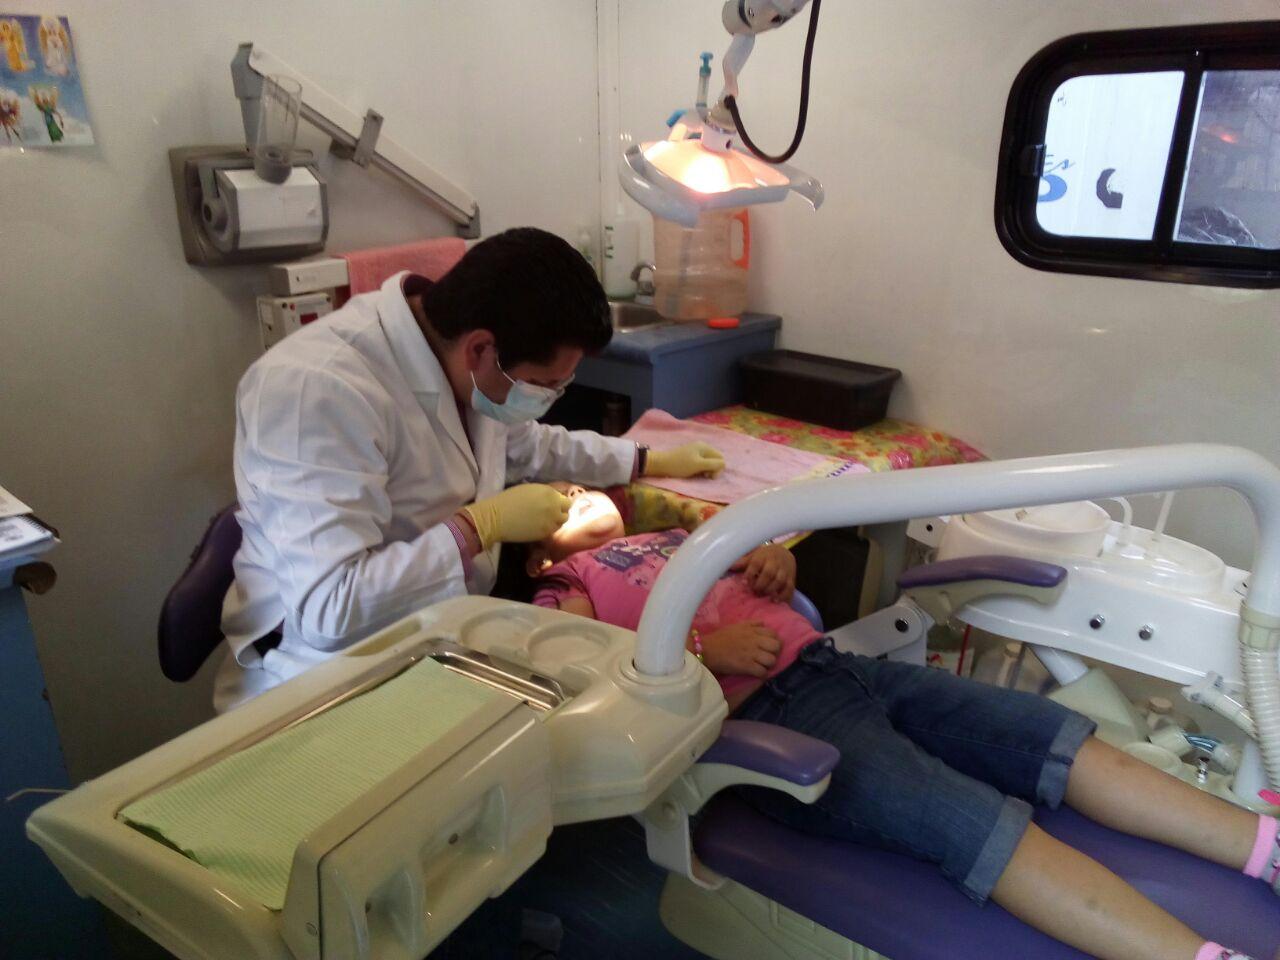 Cuando el niño llegue a la adolescencia, es posible que se necesiten correctores dentales o extracciones para prevenir problemas a largo plazo